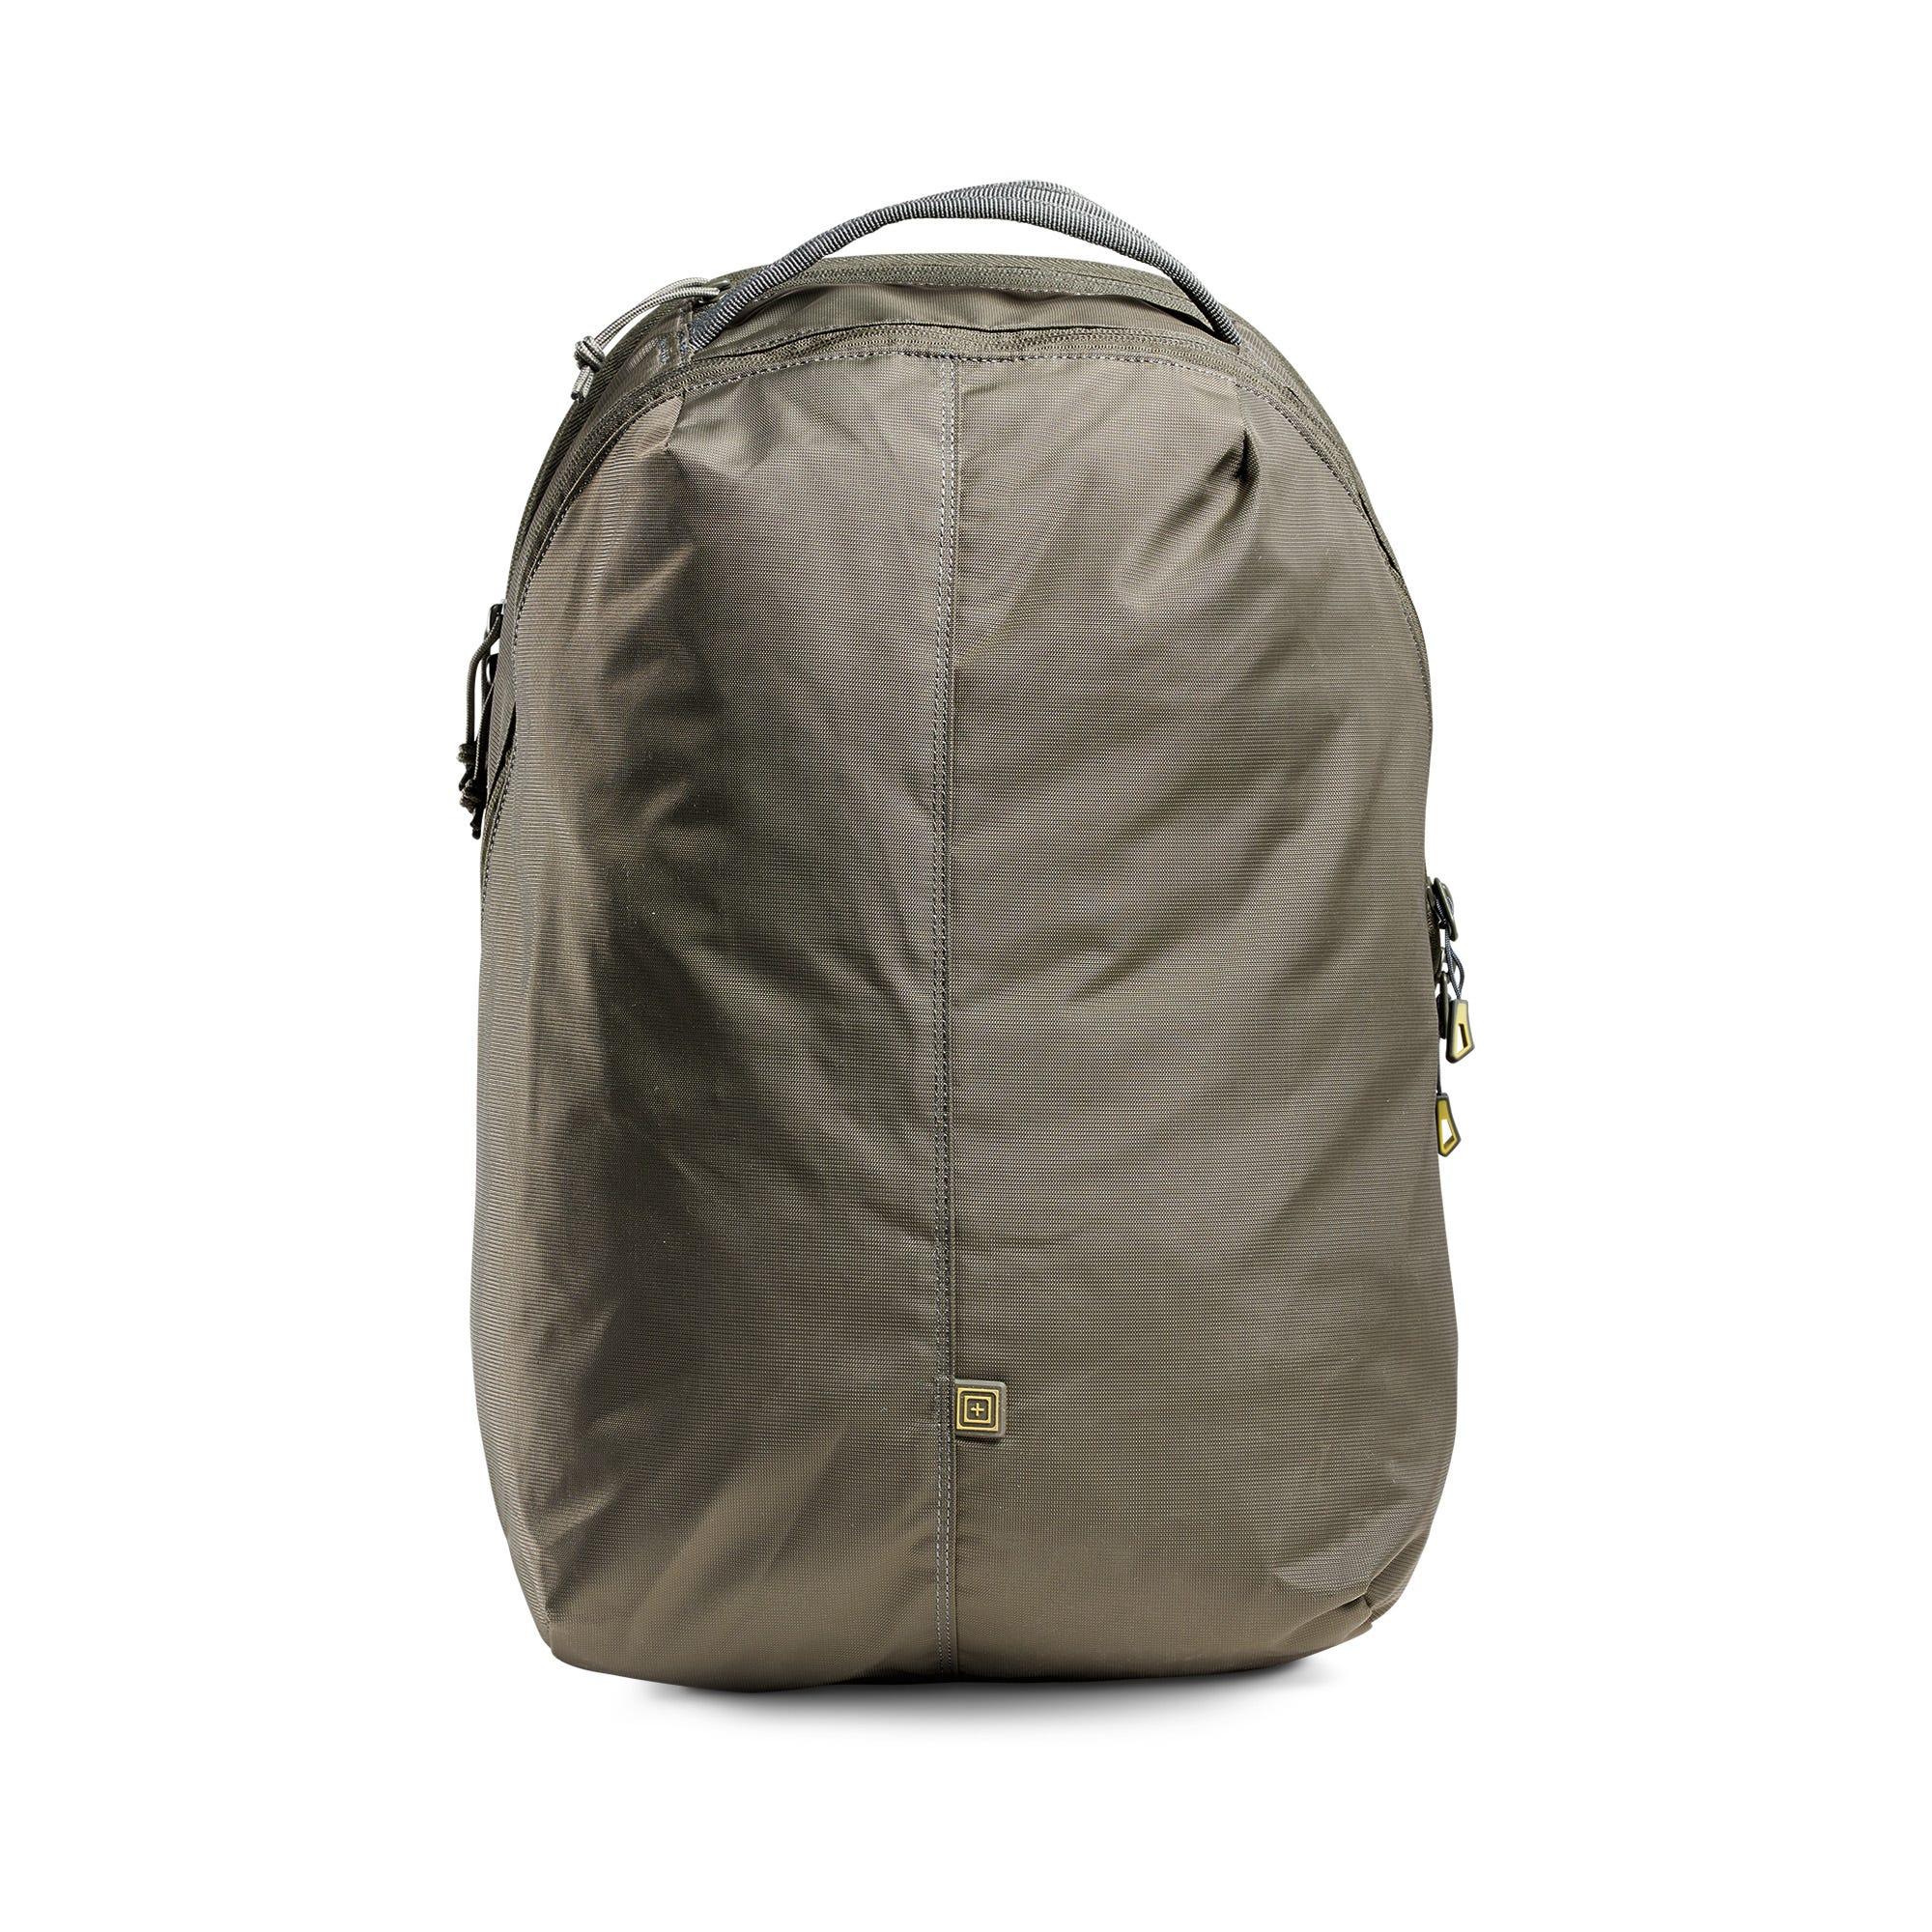 3b1e1212b465 Dart Pack 25L - 5.11 Tactical